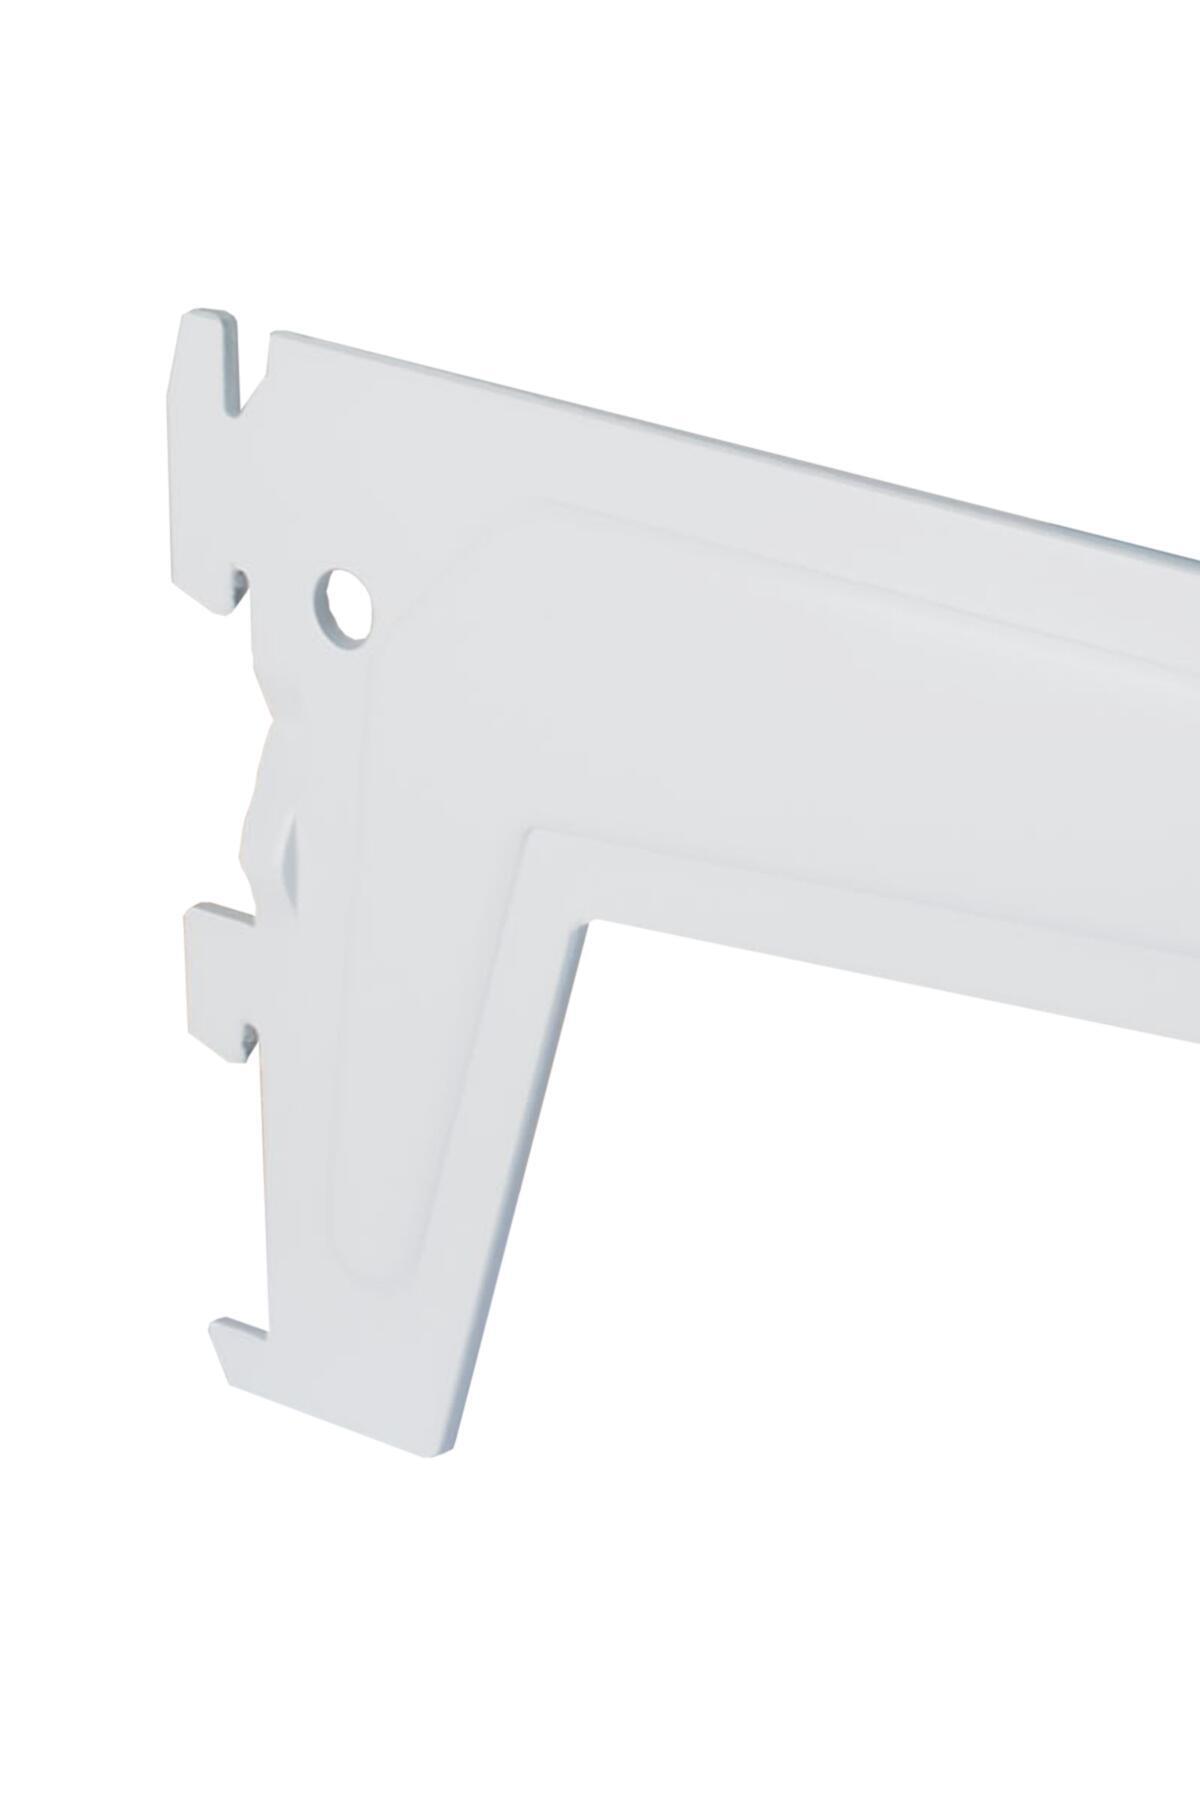 Supporto per cremagliera semplice Spaceo L 51.7 x H 12.0 x P 50.0 cm bianco - 2